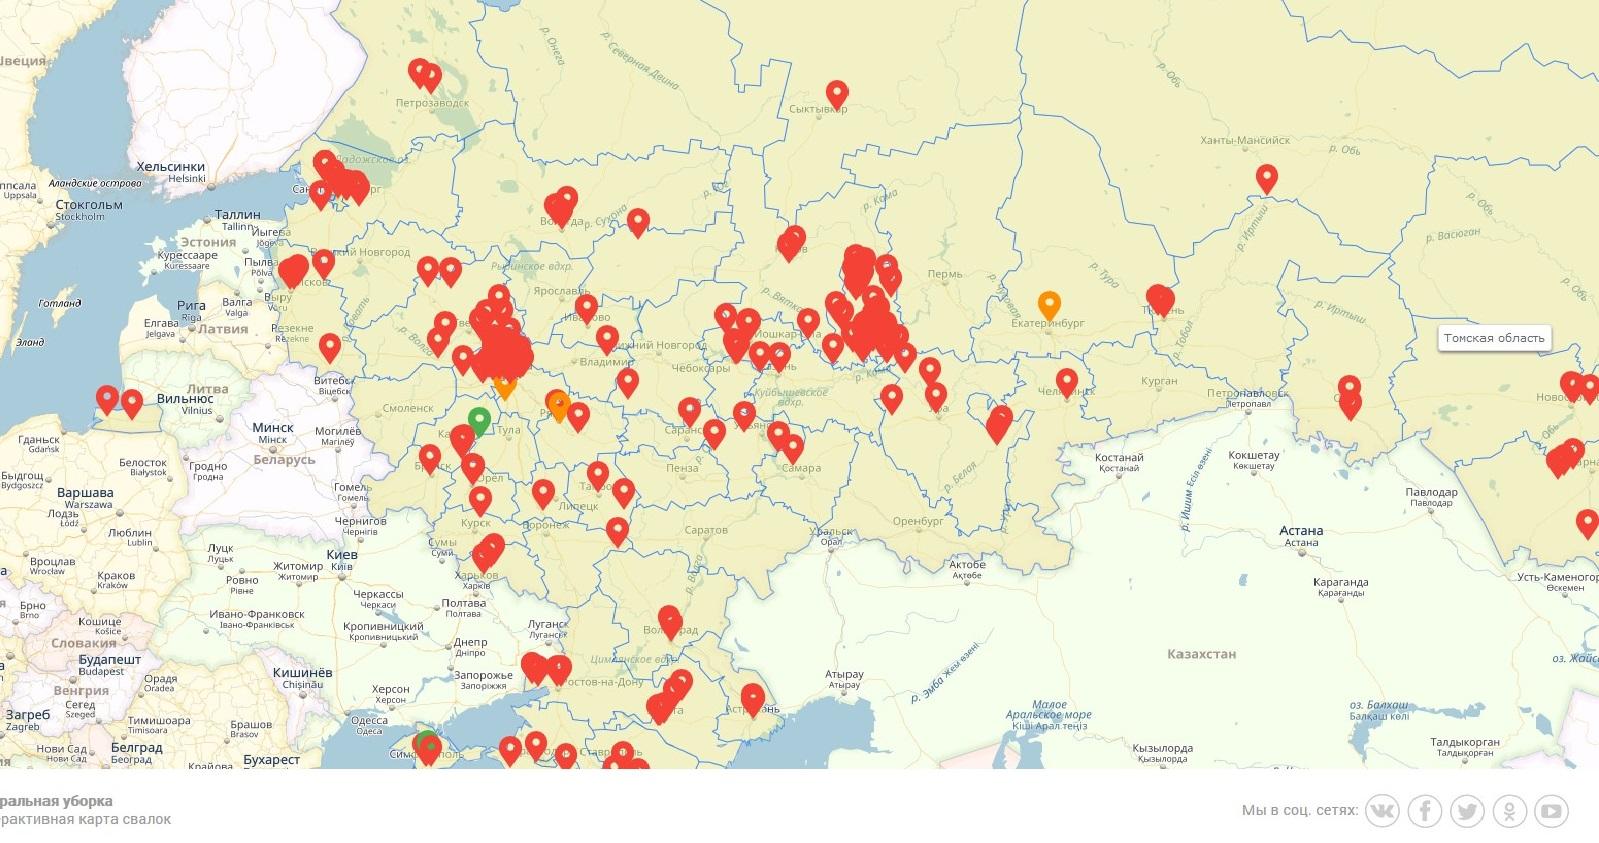 ОНФ запустил интерактивную карту незаконных свалок по всей России